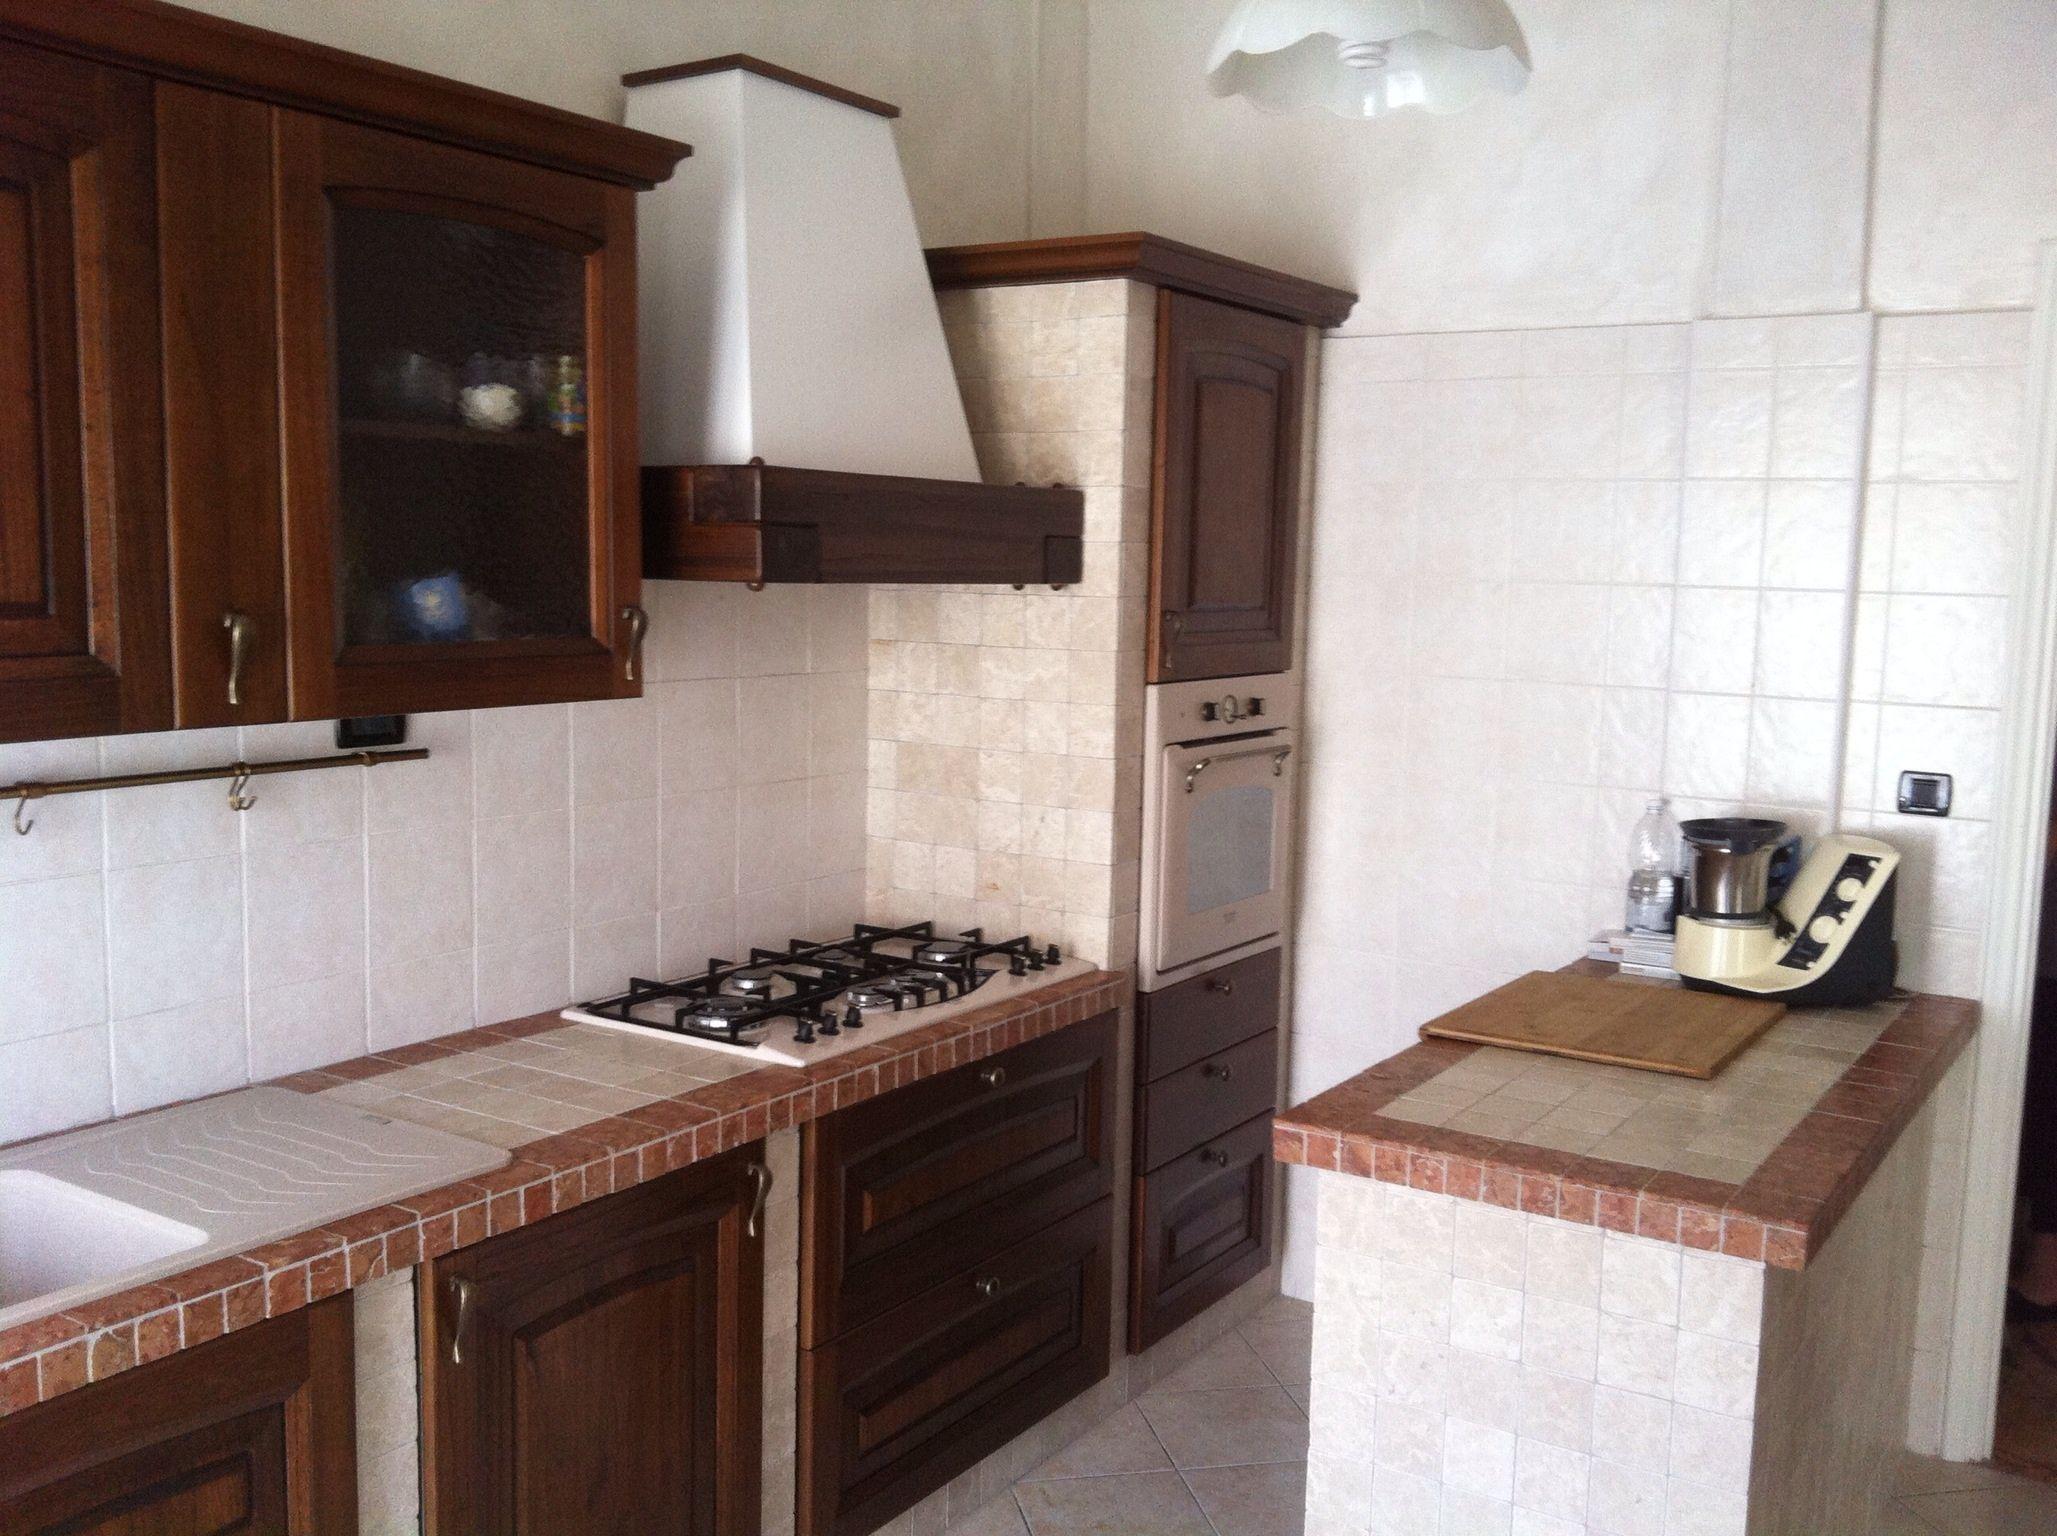 Piccole cucine in muratura gallery of cucine in muratura for Piccole cucine con penisola